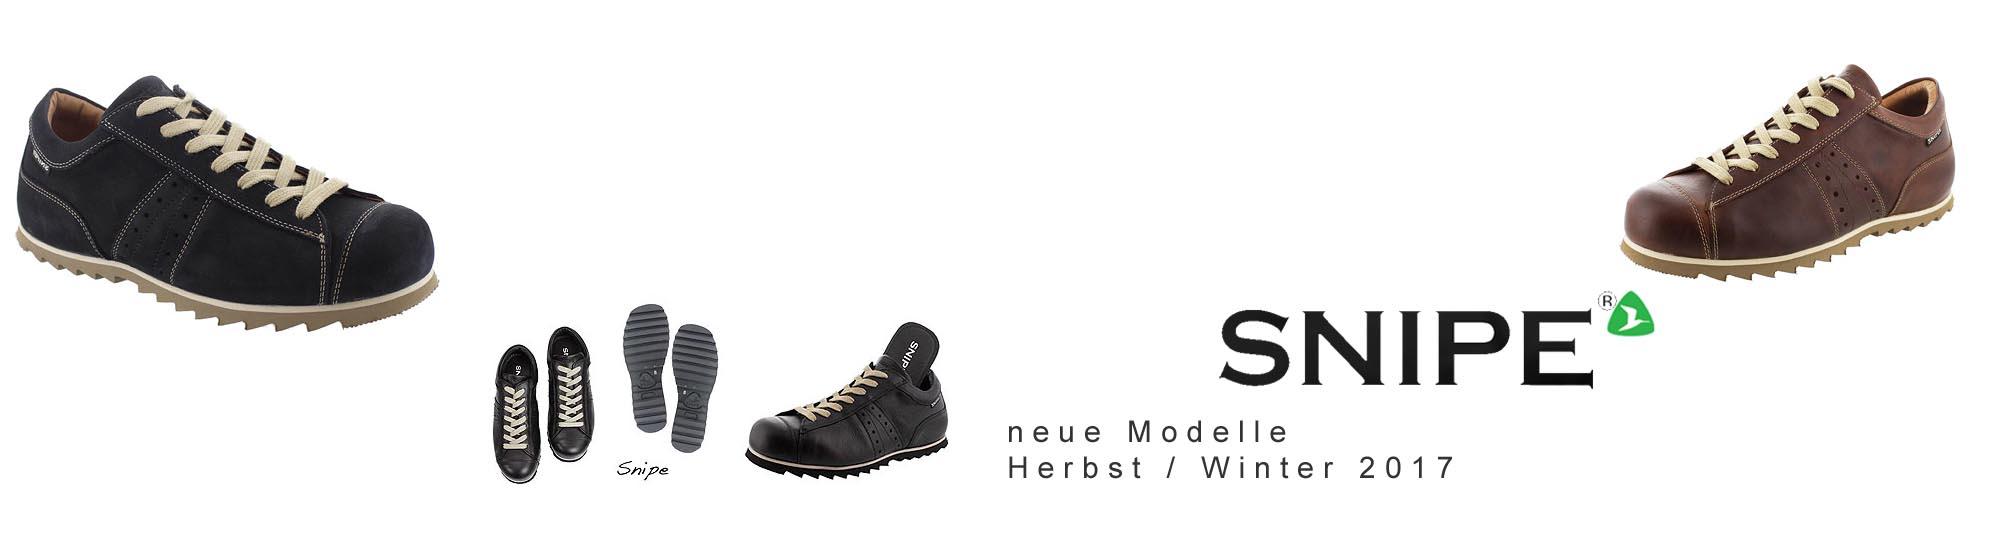 neue Snipe Schuhe Herbnst Winter 2017